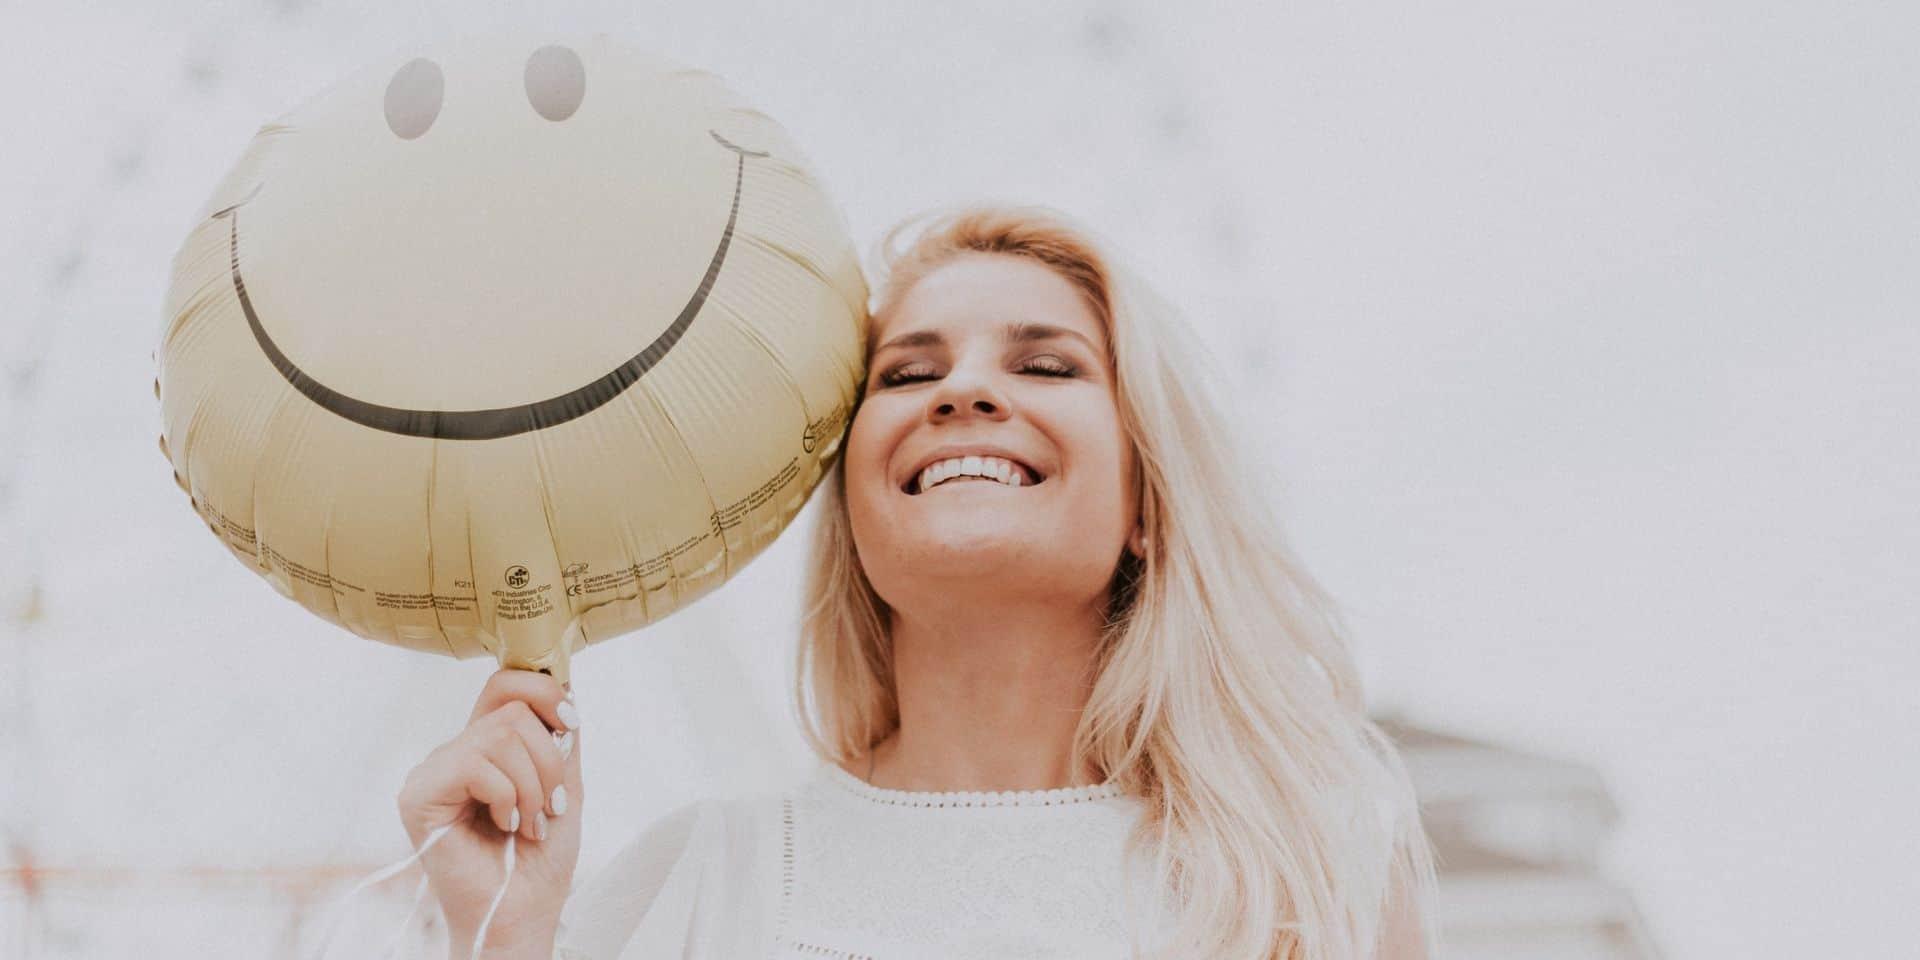 Le pays européen où il y a le plus de gens heureux ? La Belgique !